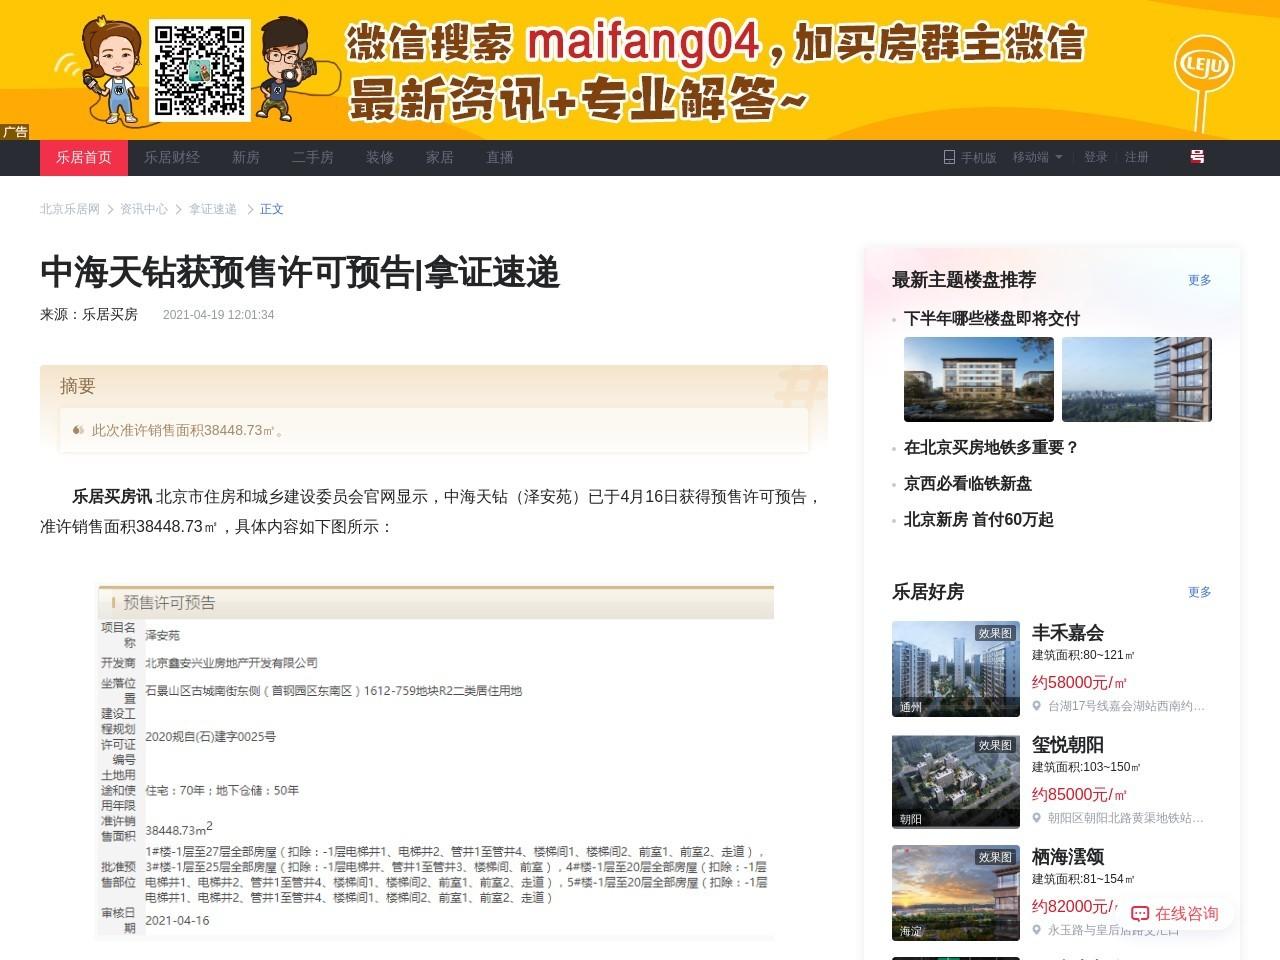 中海天钻获预售许可预告|拿证速递-拿证速递-北京乐居网